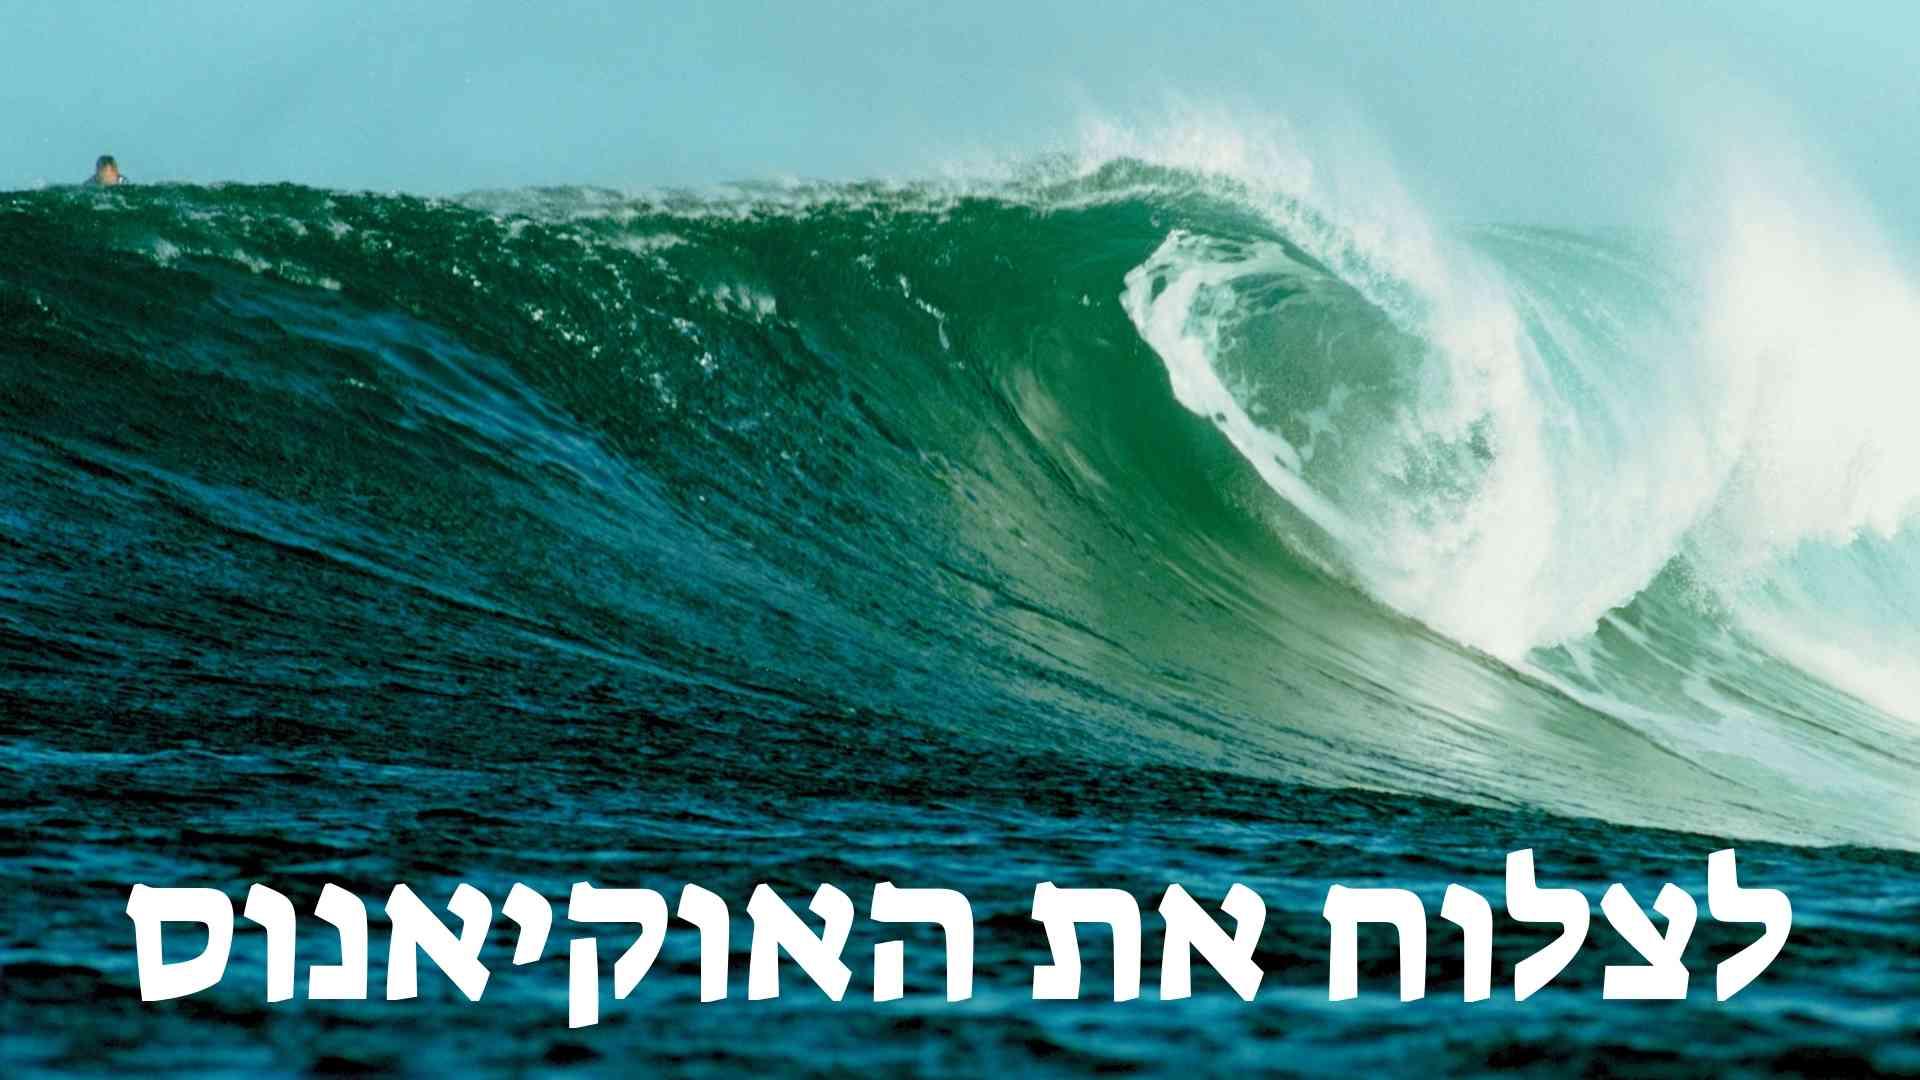 לצלוח בשלום אוקיאנוס